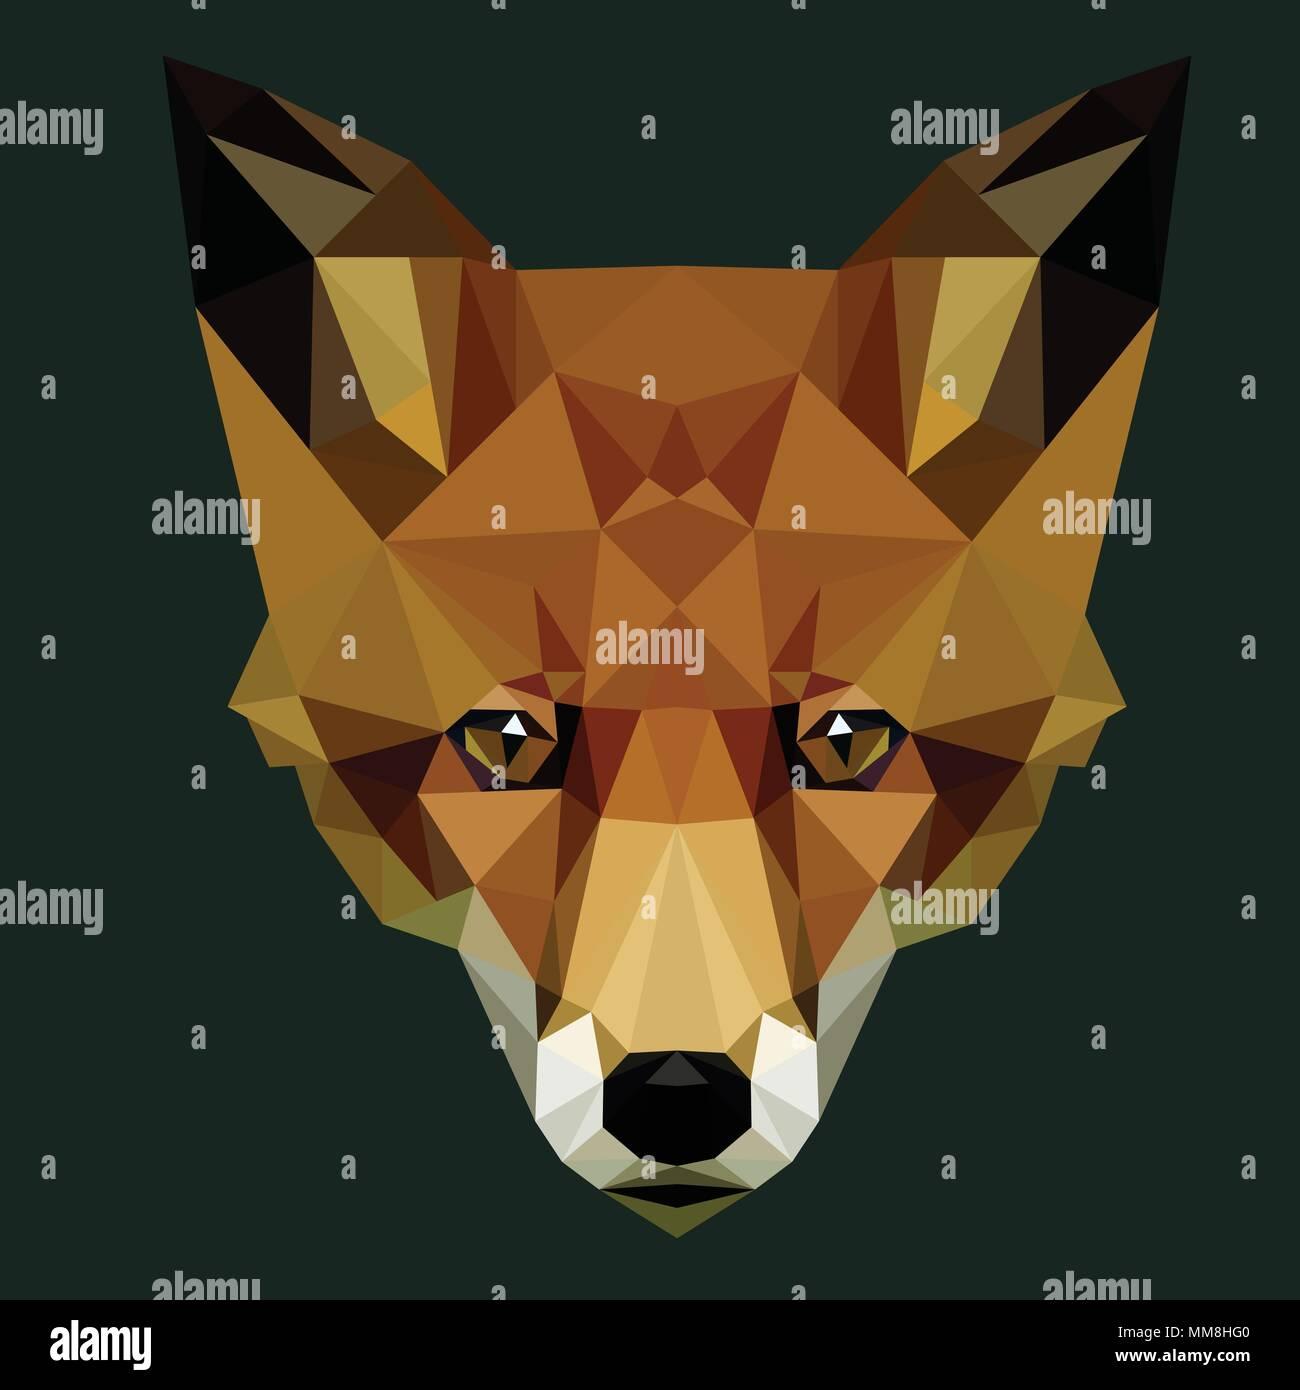 Vettore fox poligonale di testa bassa poli illustrazione degli